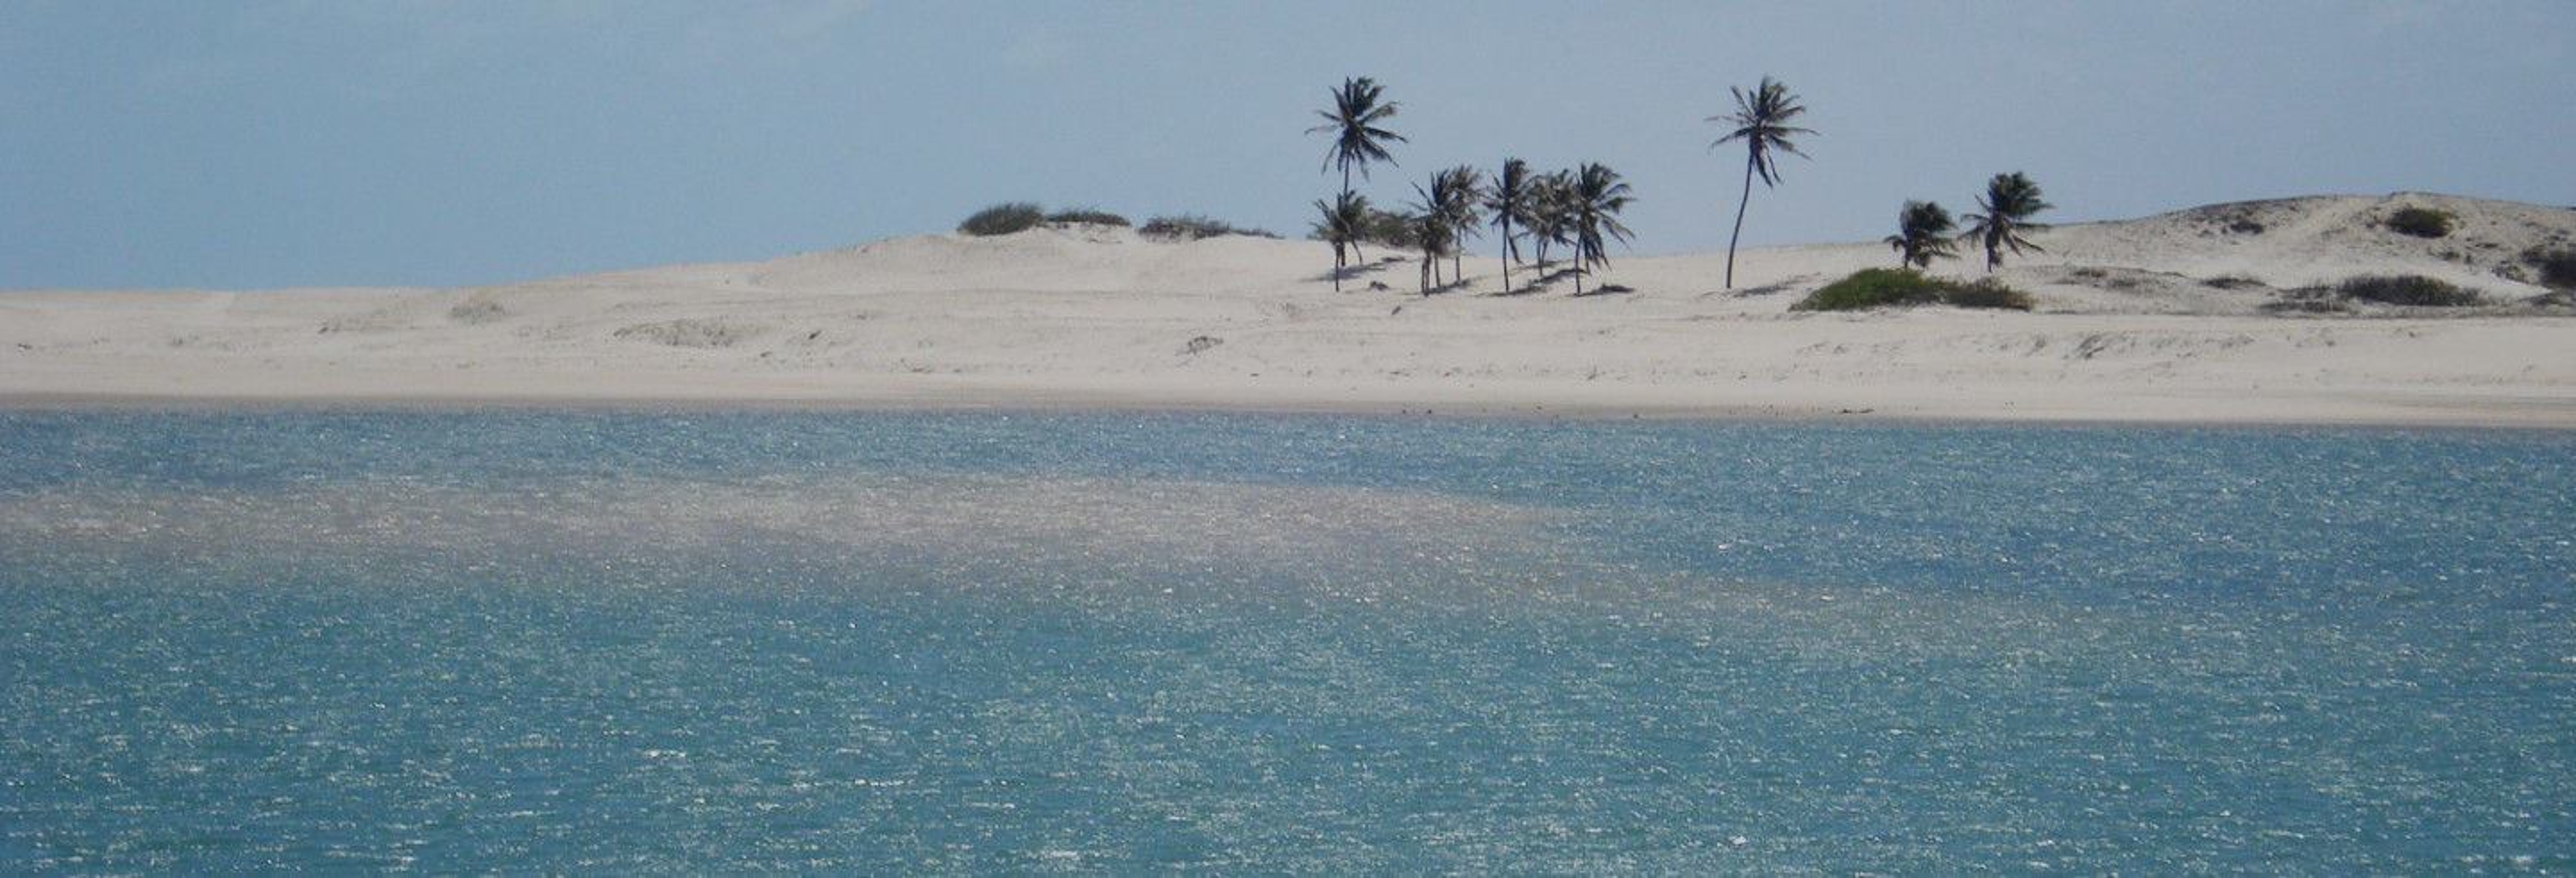 Excursion à la plage d'Águas Belas